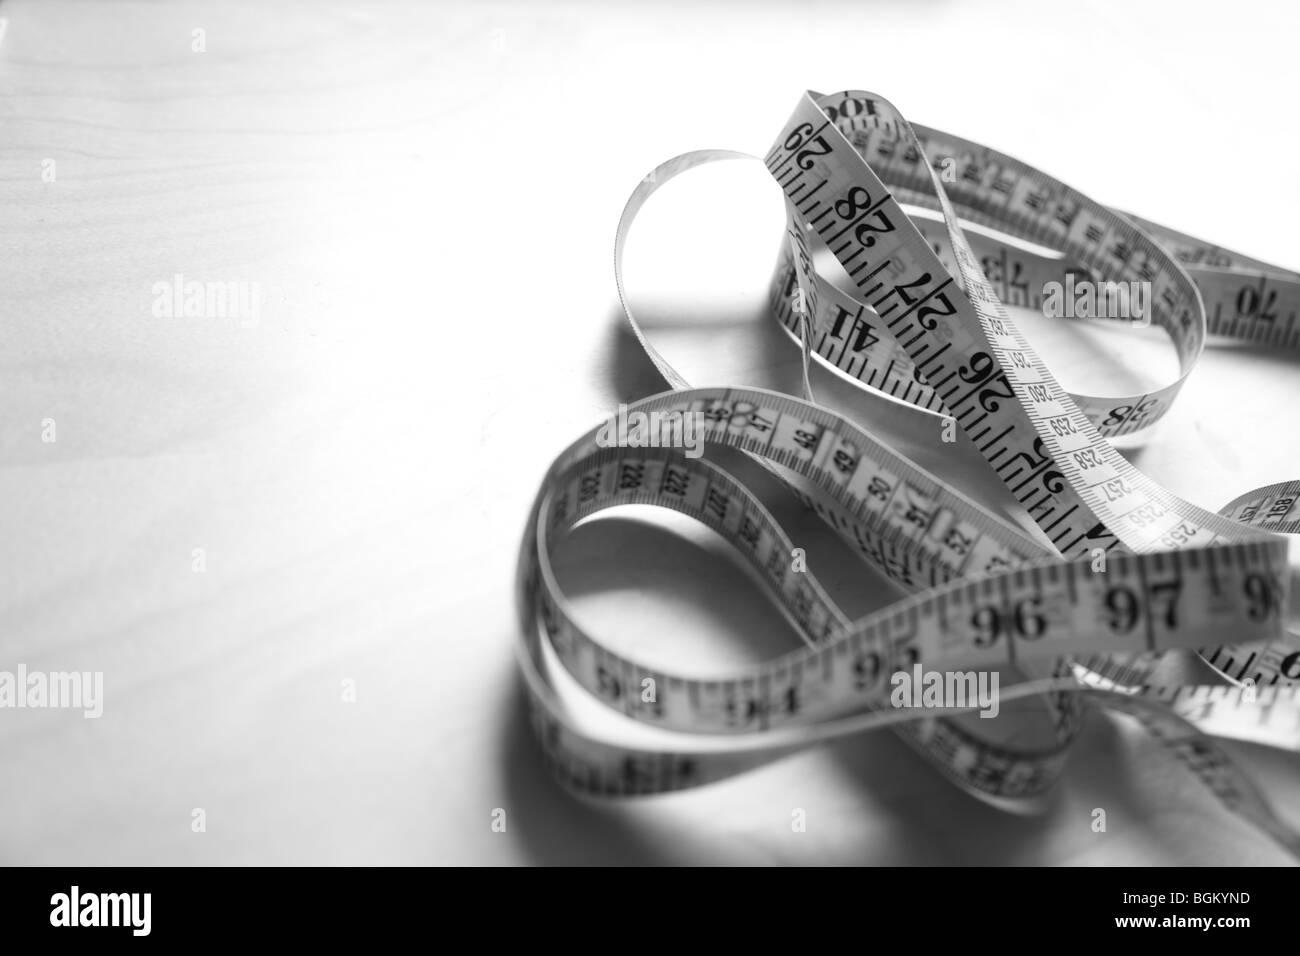 Cierre de cinta métrica en blanco y negro Imagen De Stock